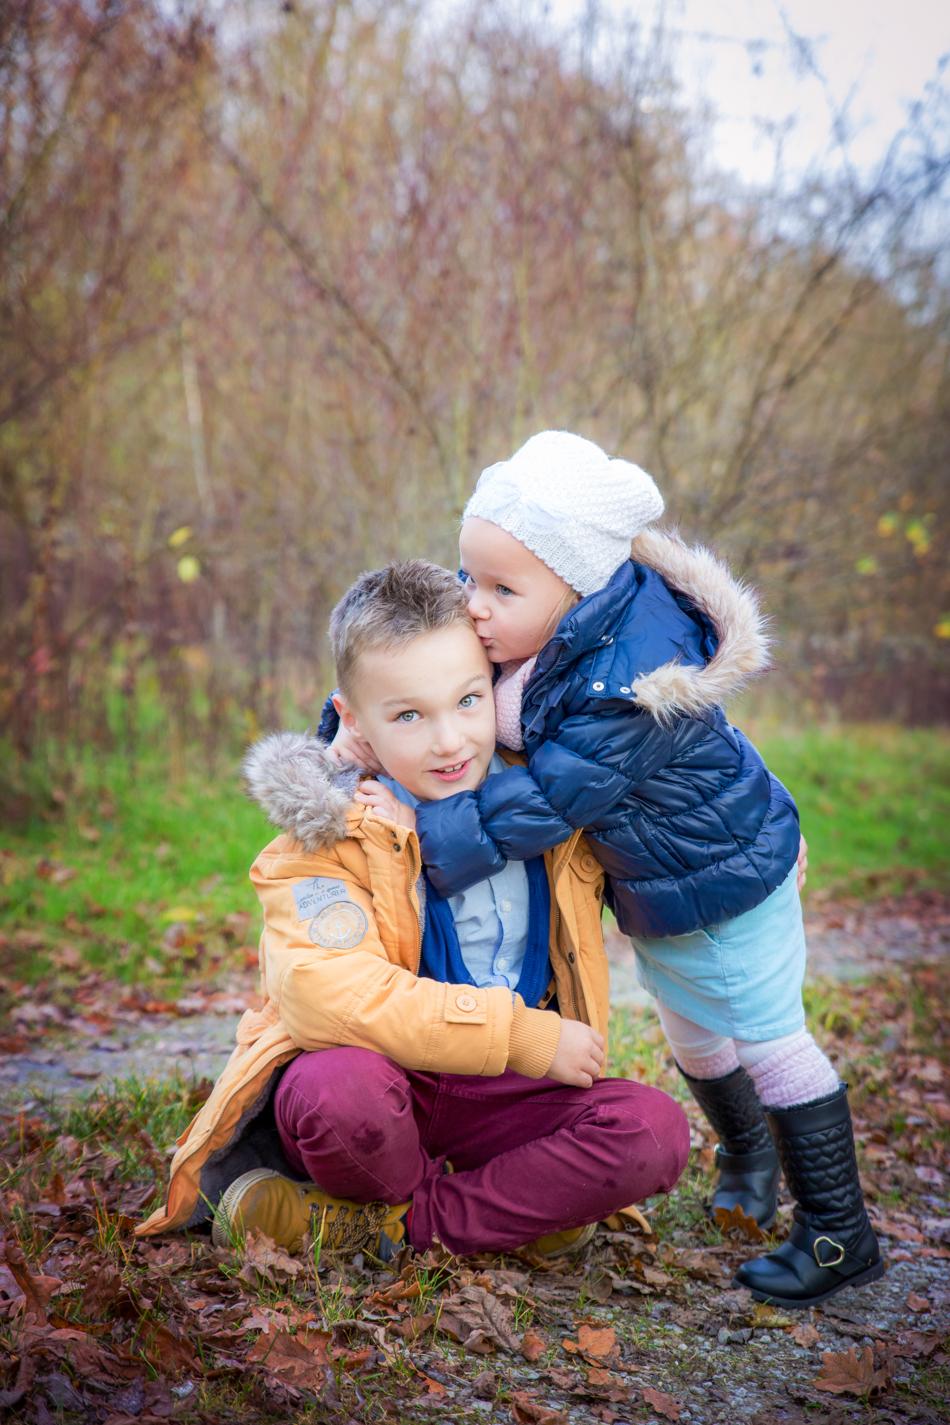 Kinderfotoshooting-Kinderbilder-Fotograf-Rheinfelden (1 von 2)